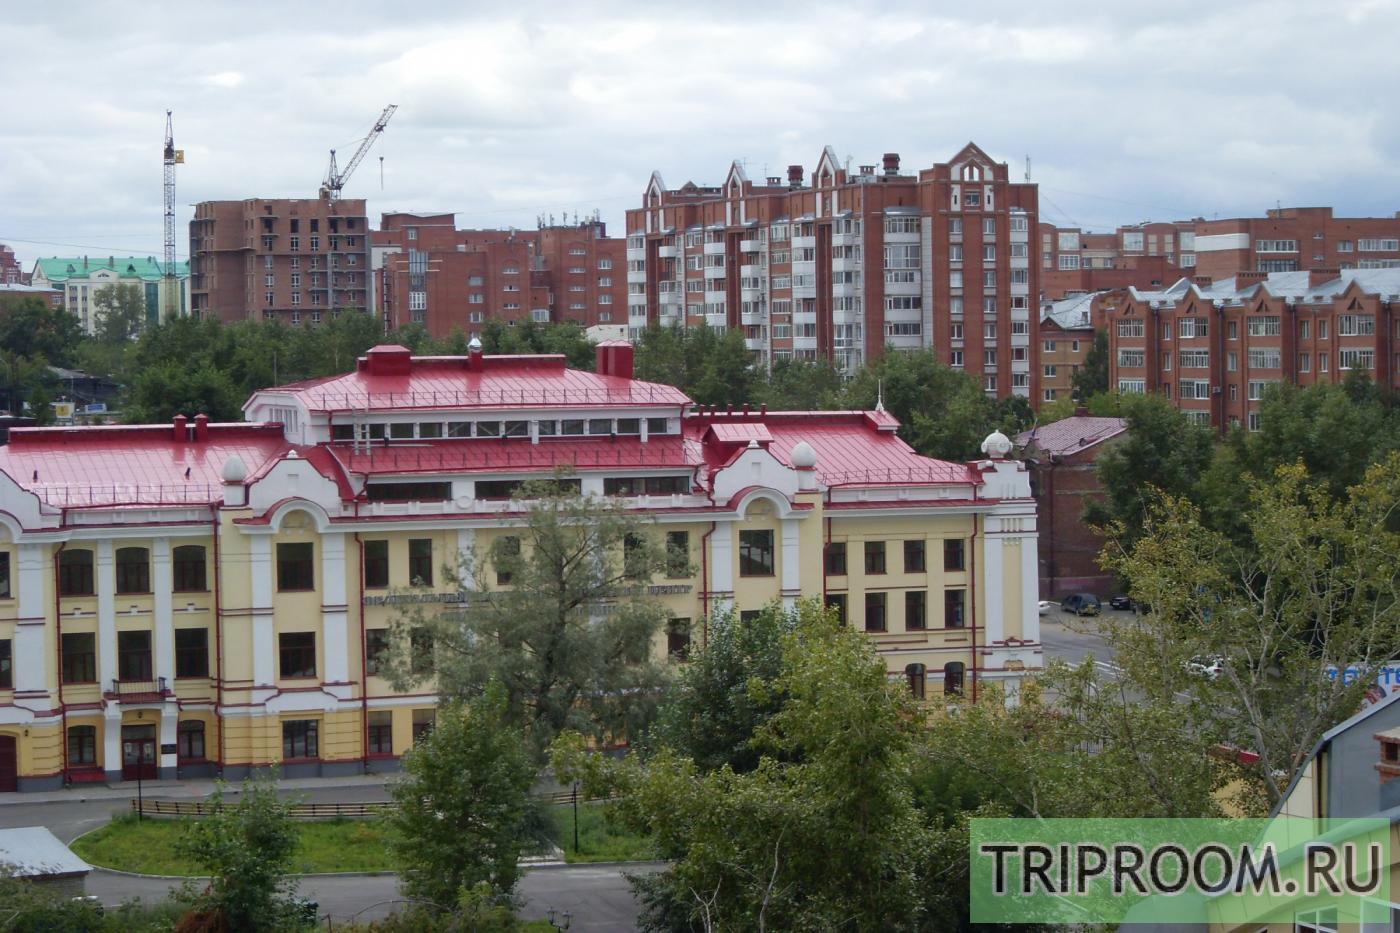 1-комнатная квартира посуточно (вариант № 28156), ул. Алтайская улица, фото № 11